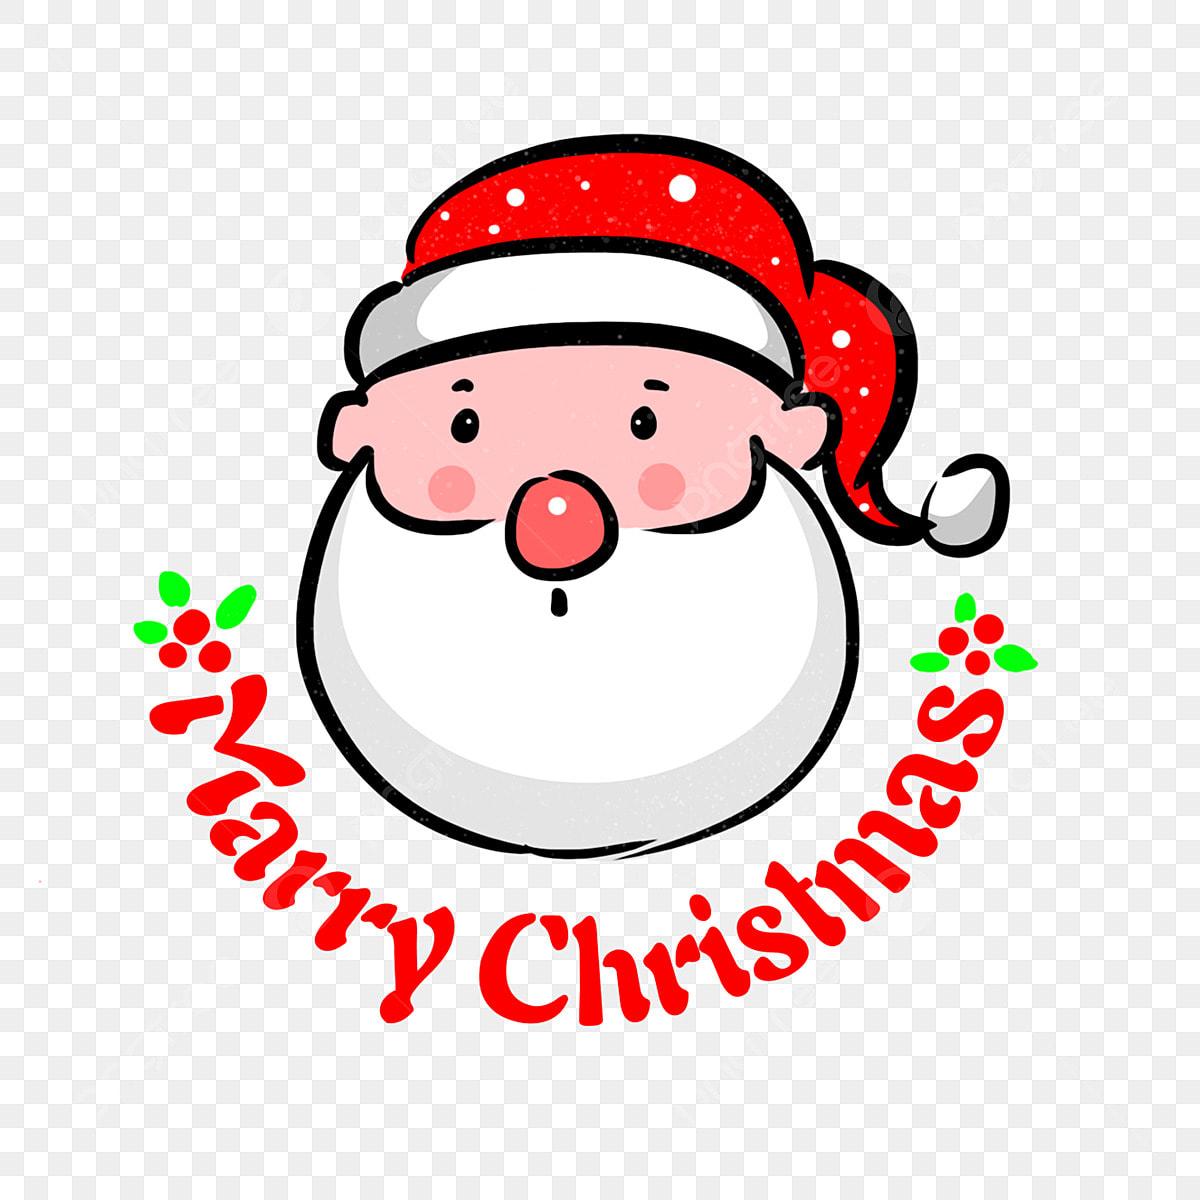 คริสต์มาส ซานตาคลอส วาดด้วยมือซานตาอวตาร การ์ตูนวันคริสต์มาส, วาดด้วยมือใน วันคริสต์มาส, การ์ตูนวันคริสต์มาส, คริสต์มาสภาพ PNG และ PSD  สำหรับดาวน์โหลดฟรี